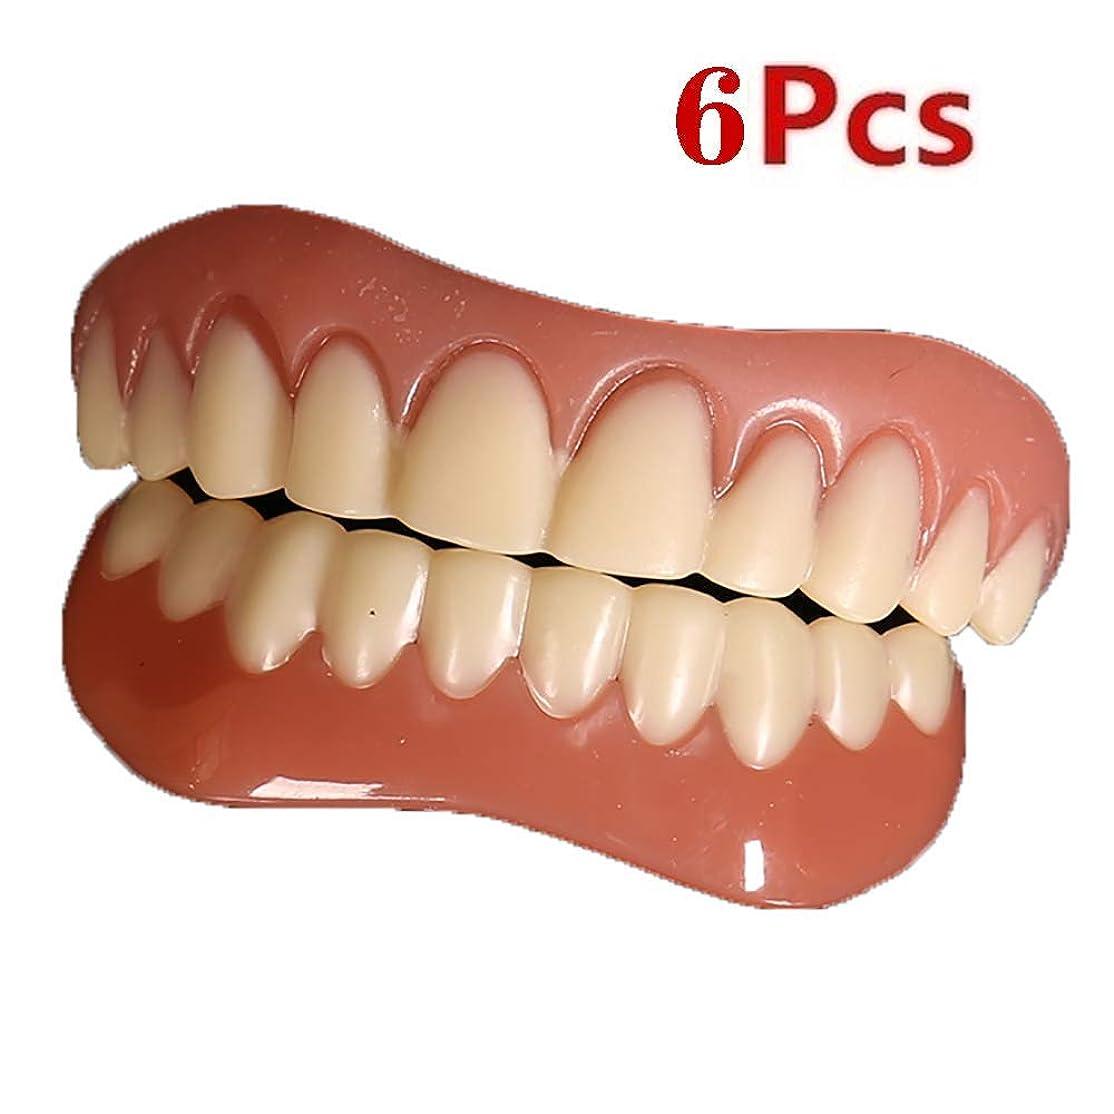 超越する悪質な普遍的な6個のインスタントスマイルの歯アッパーロアーベニアの快適さフィットの歯のベニヤ、ワンサイズは数分以内に自宅であなたの笑顔を直す